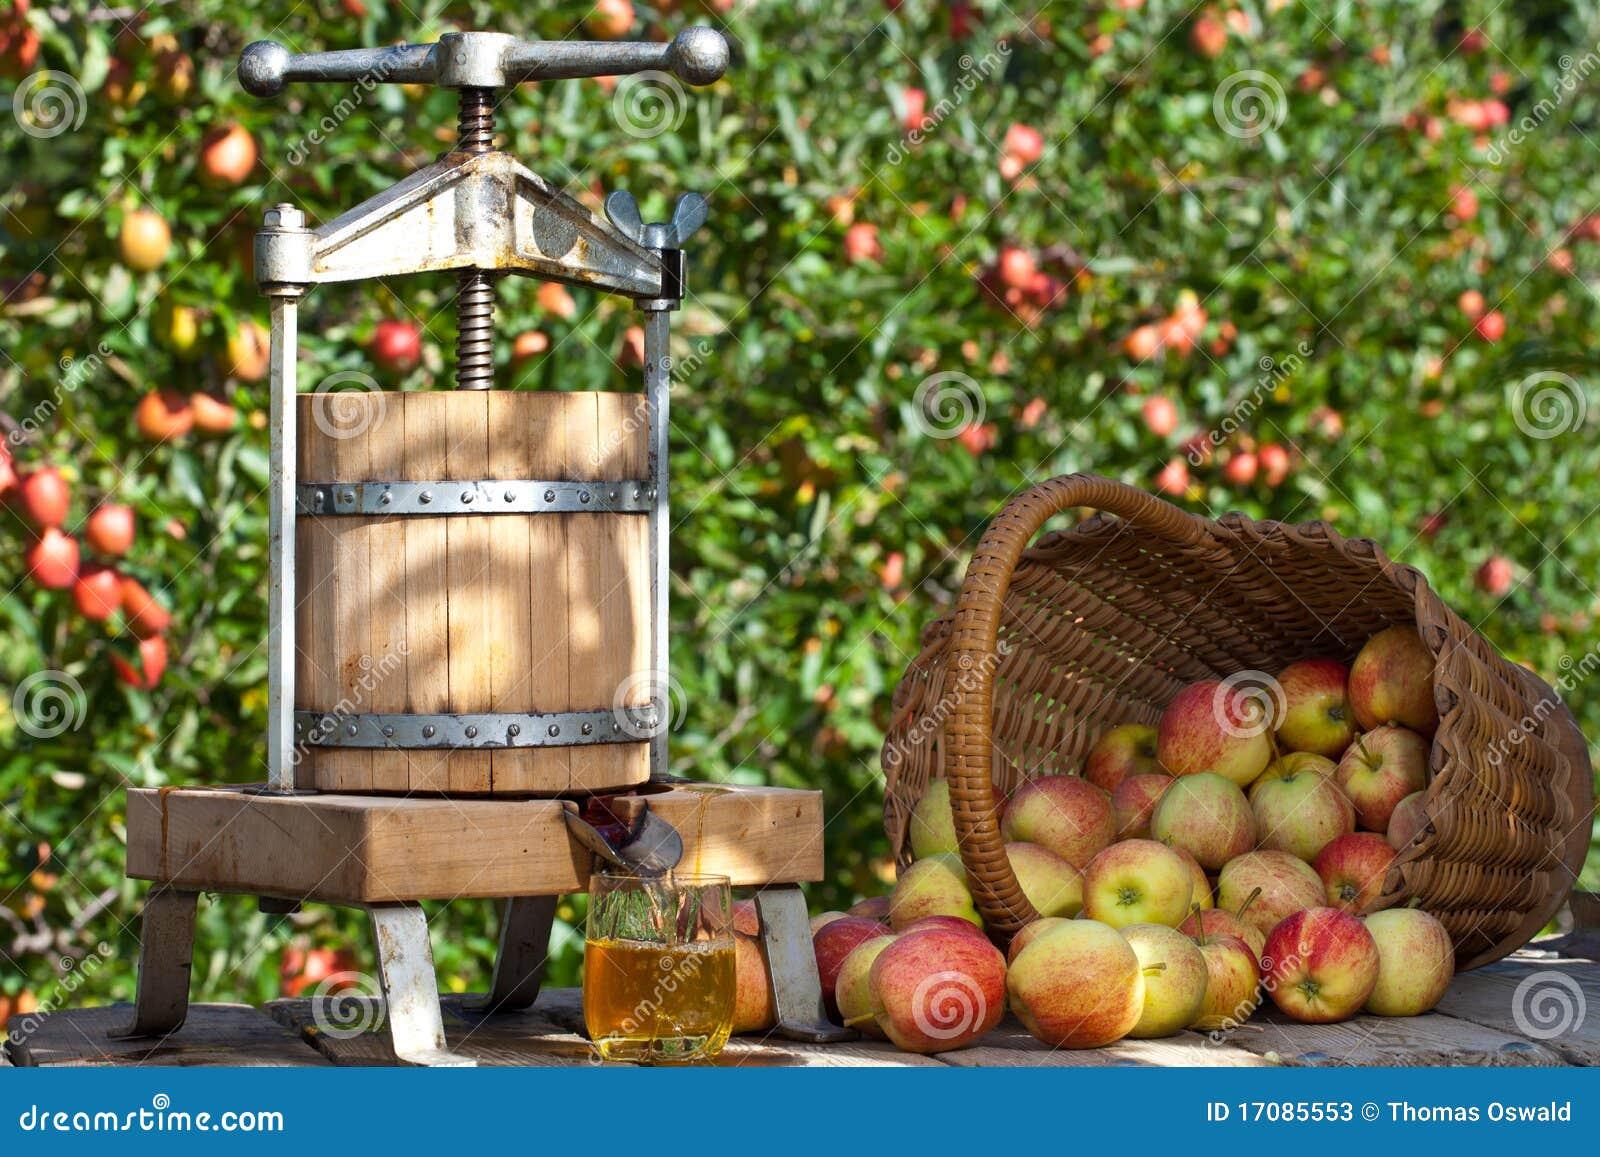 яблока сжатый сок свеже